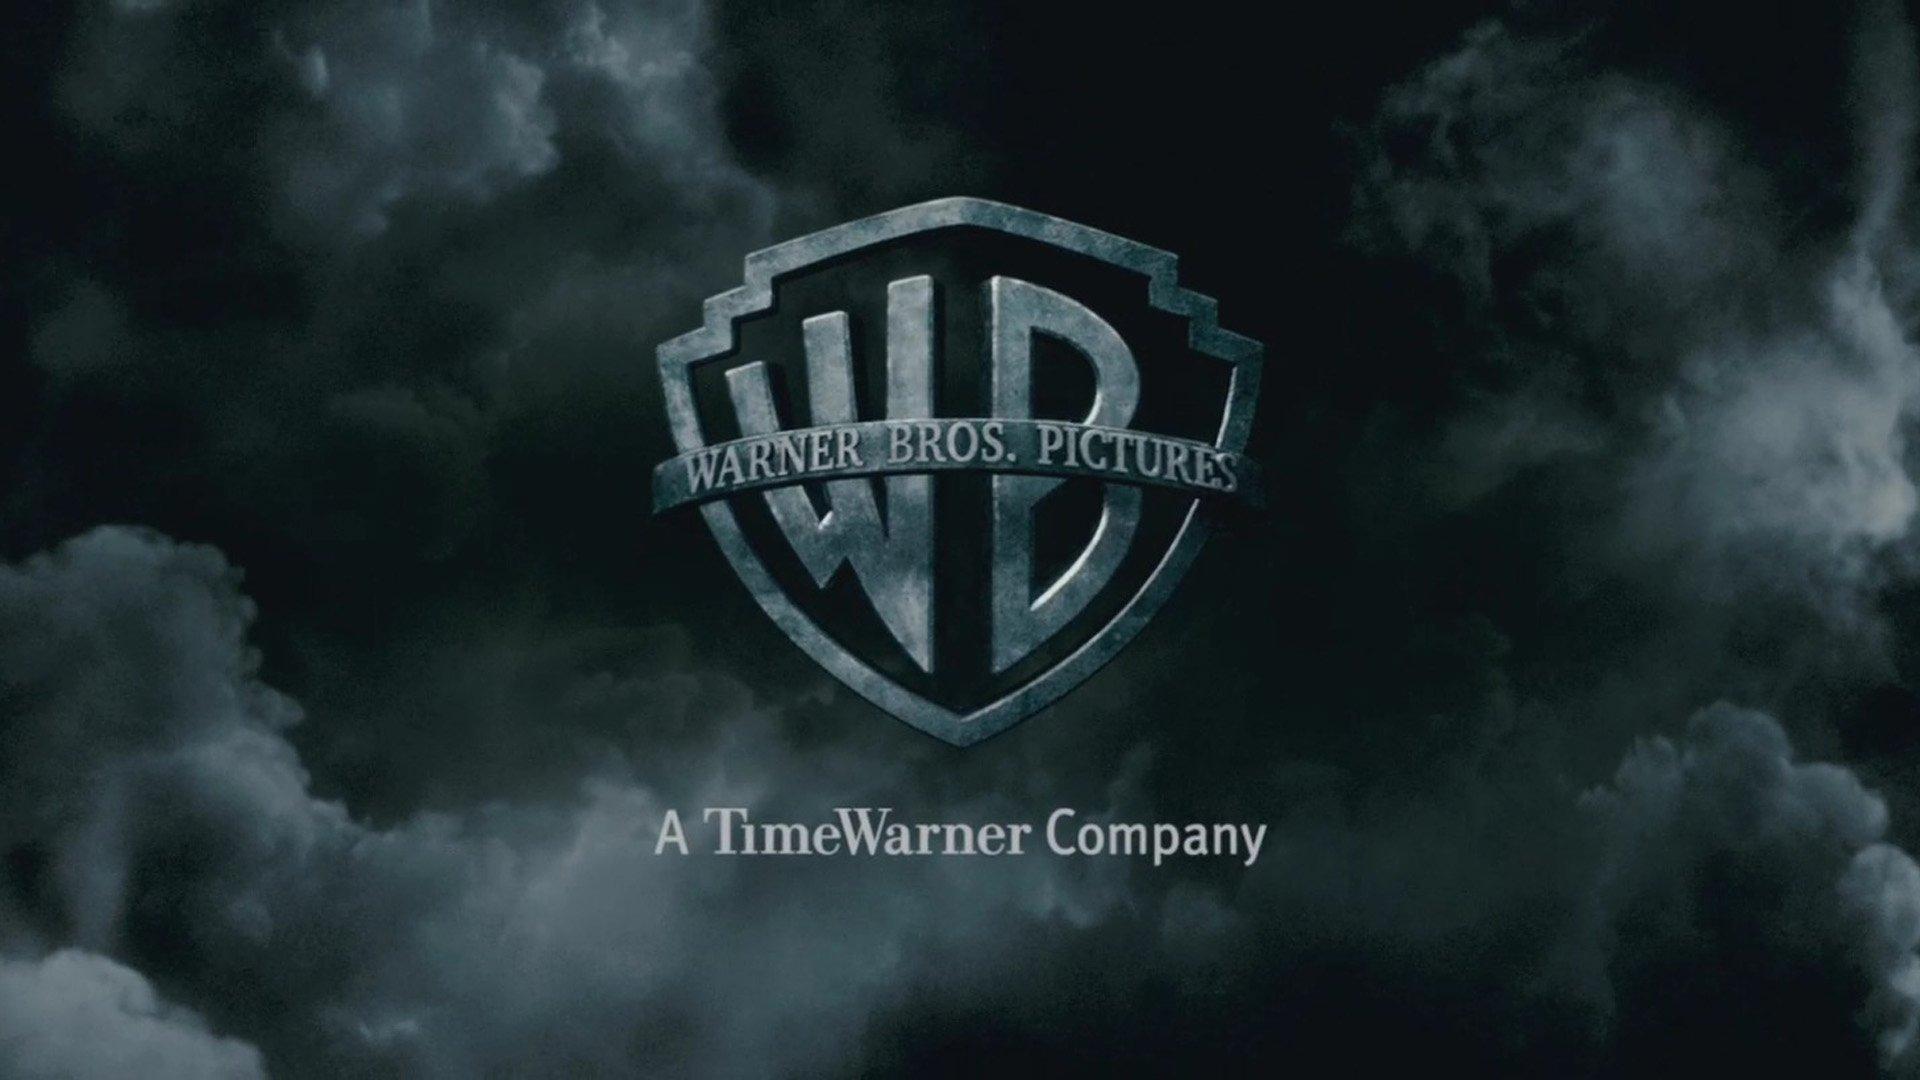 Download Wallpaper Harry Potter Macbook Air - harry-potter-desktop-wallpapers-25  Trends_655811.jpg